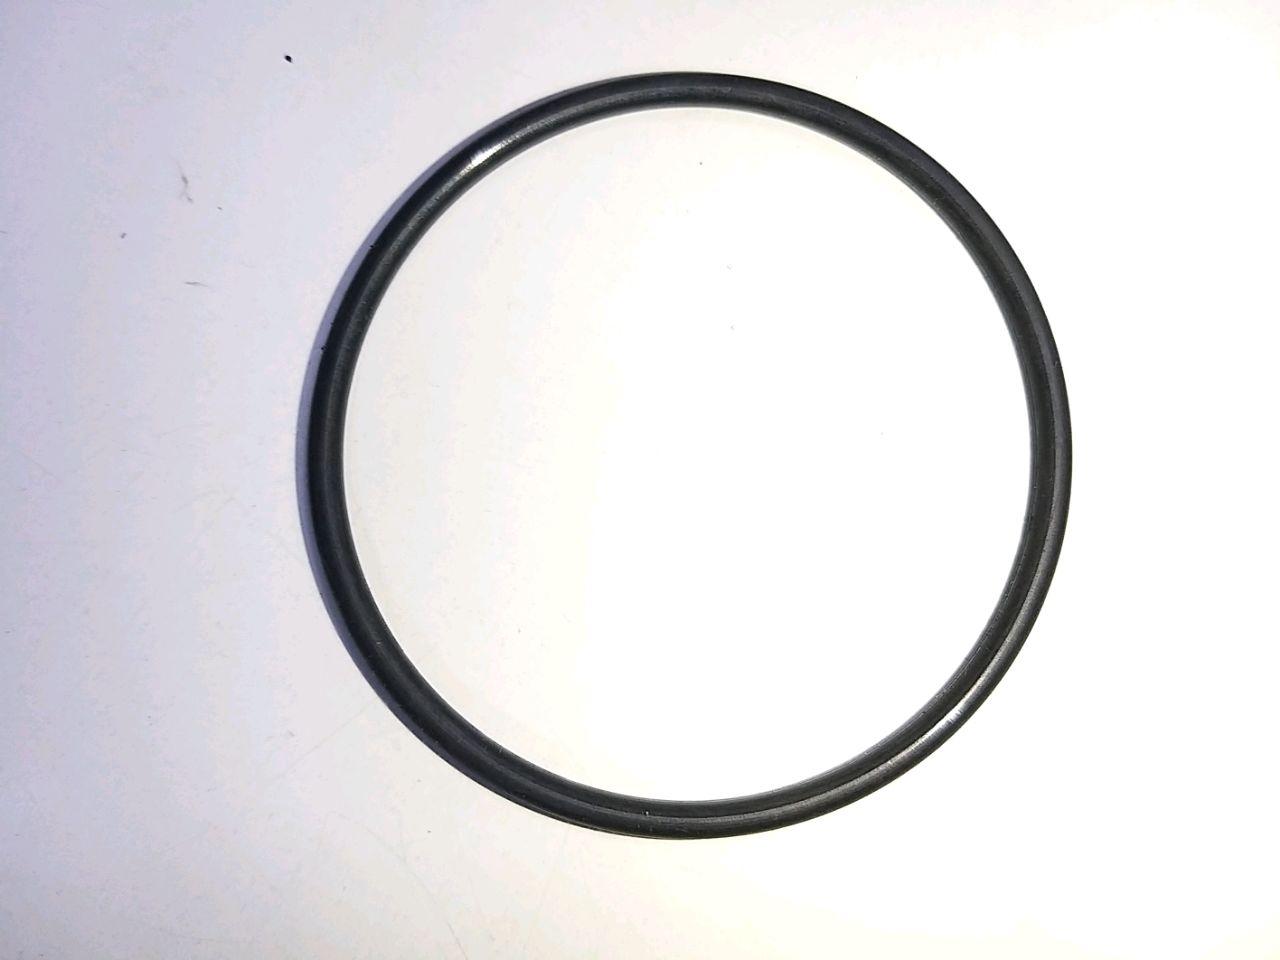 Inel de etansare 085-090-2.5